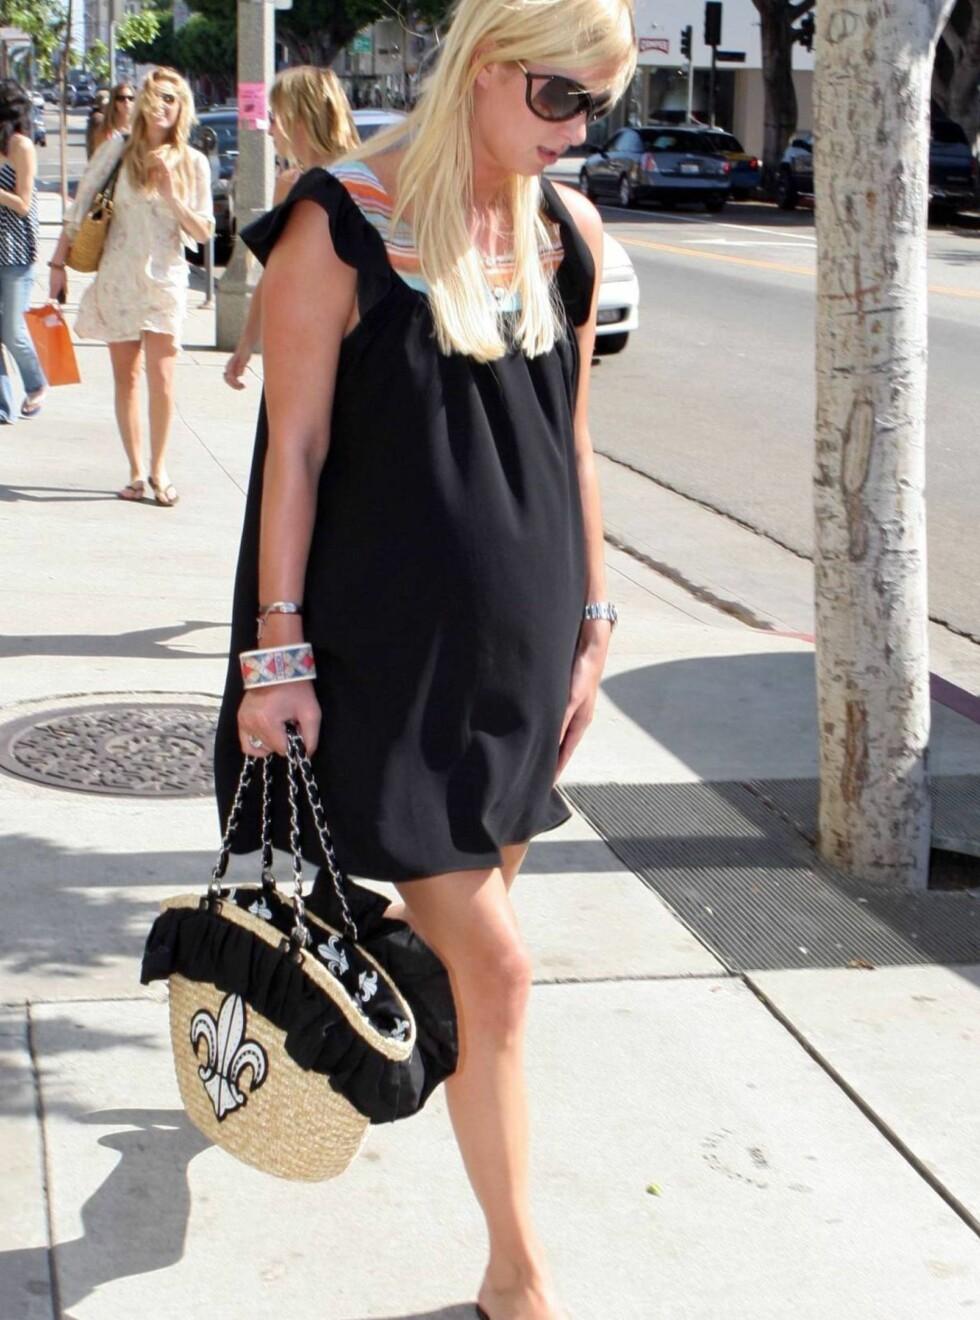 FORSTOPPET? Kanskje lillesøster Hilton bare var ute for å kjøpe svisker? Foto: All Over Press